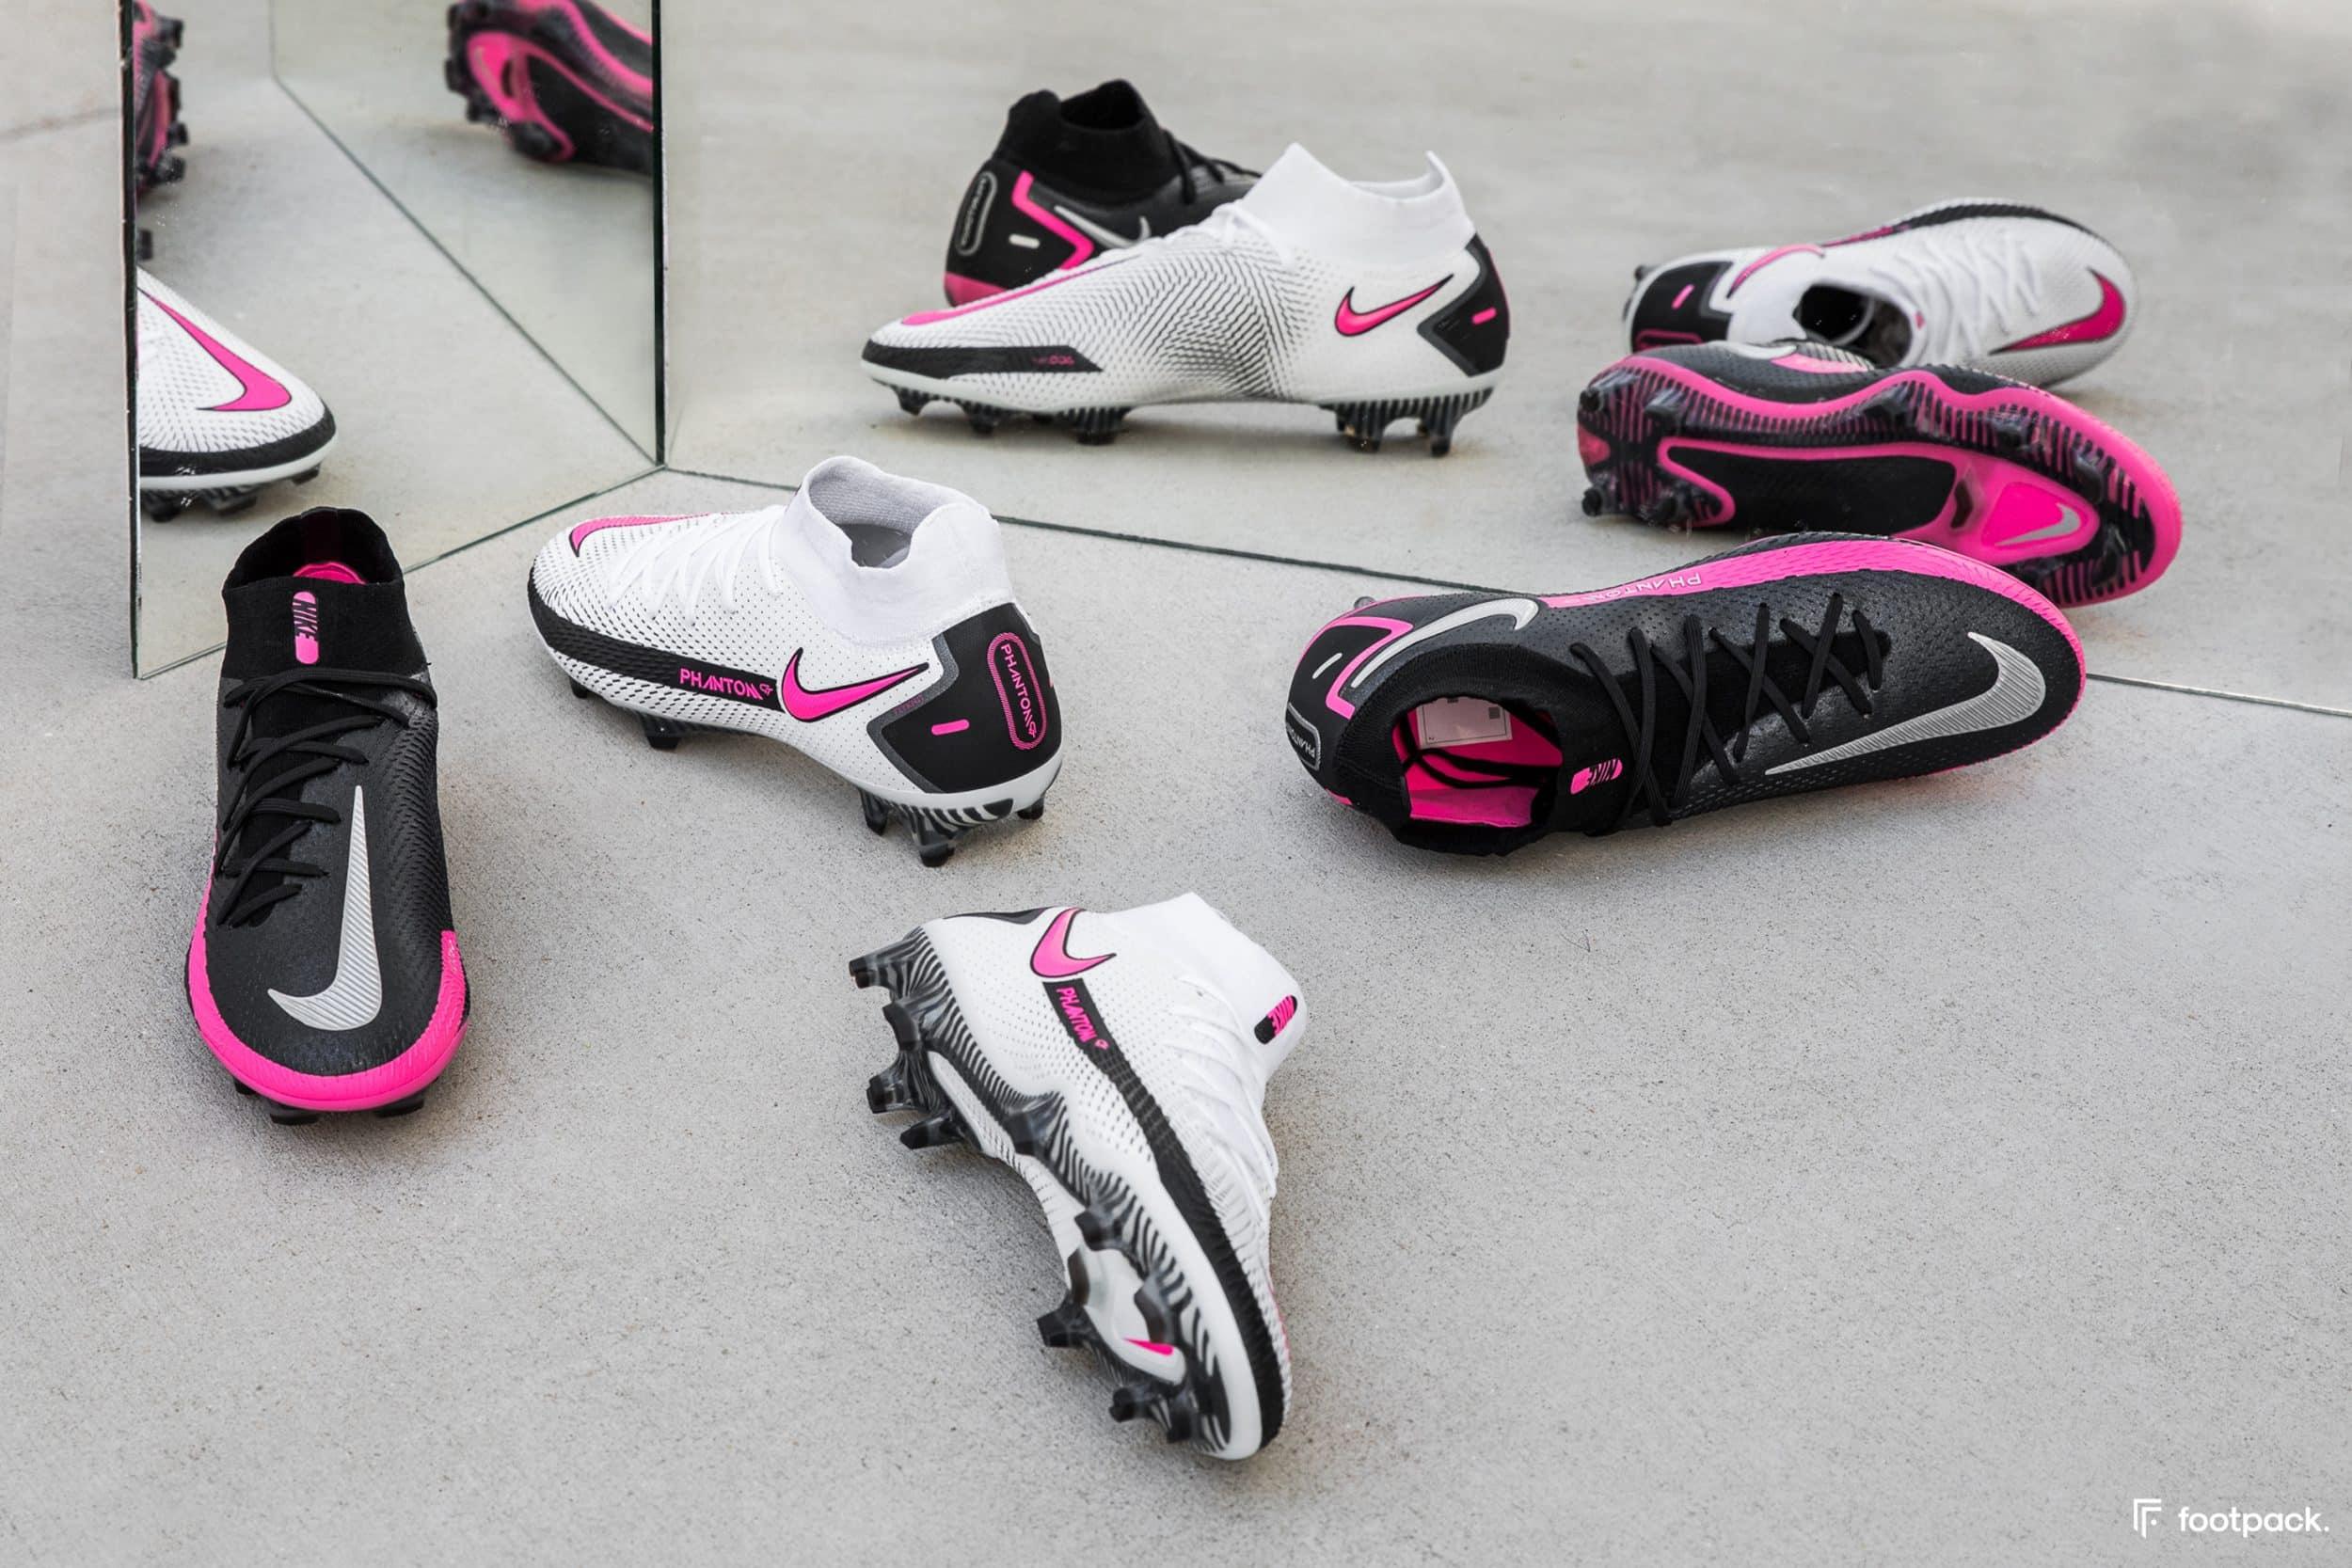 Test & avis - Chaussures de foot Nike Phantom GT - footpack.